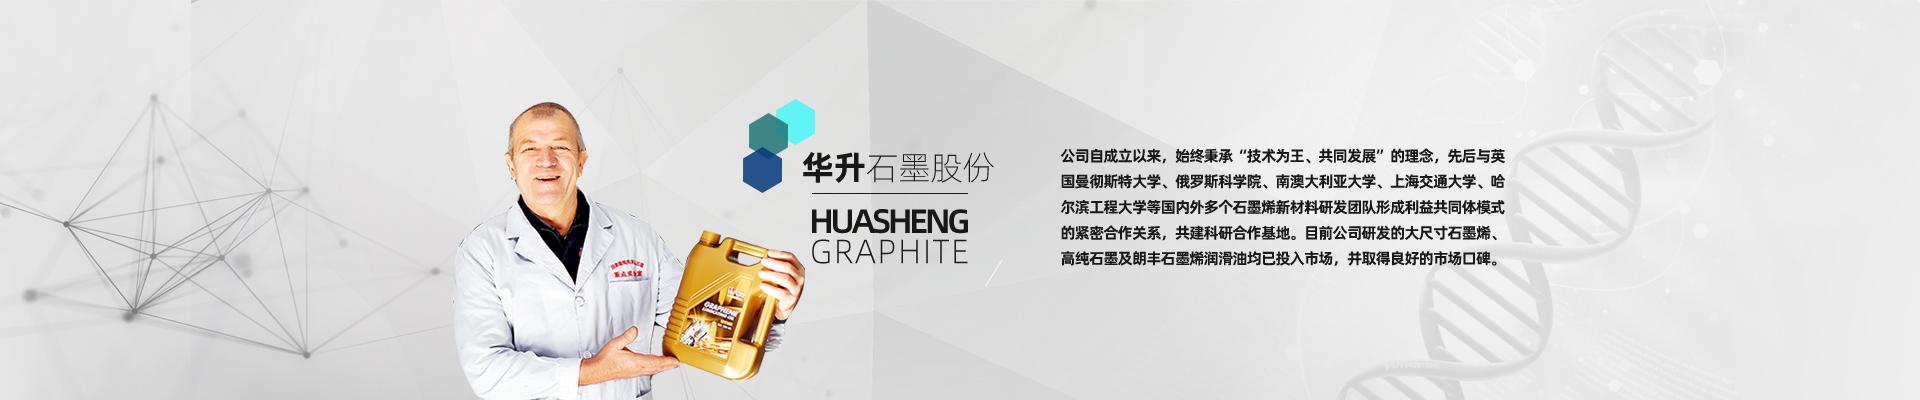 内页banner